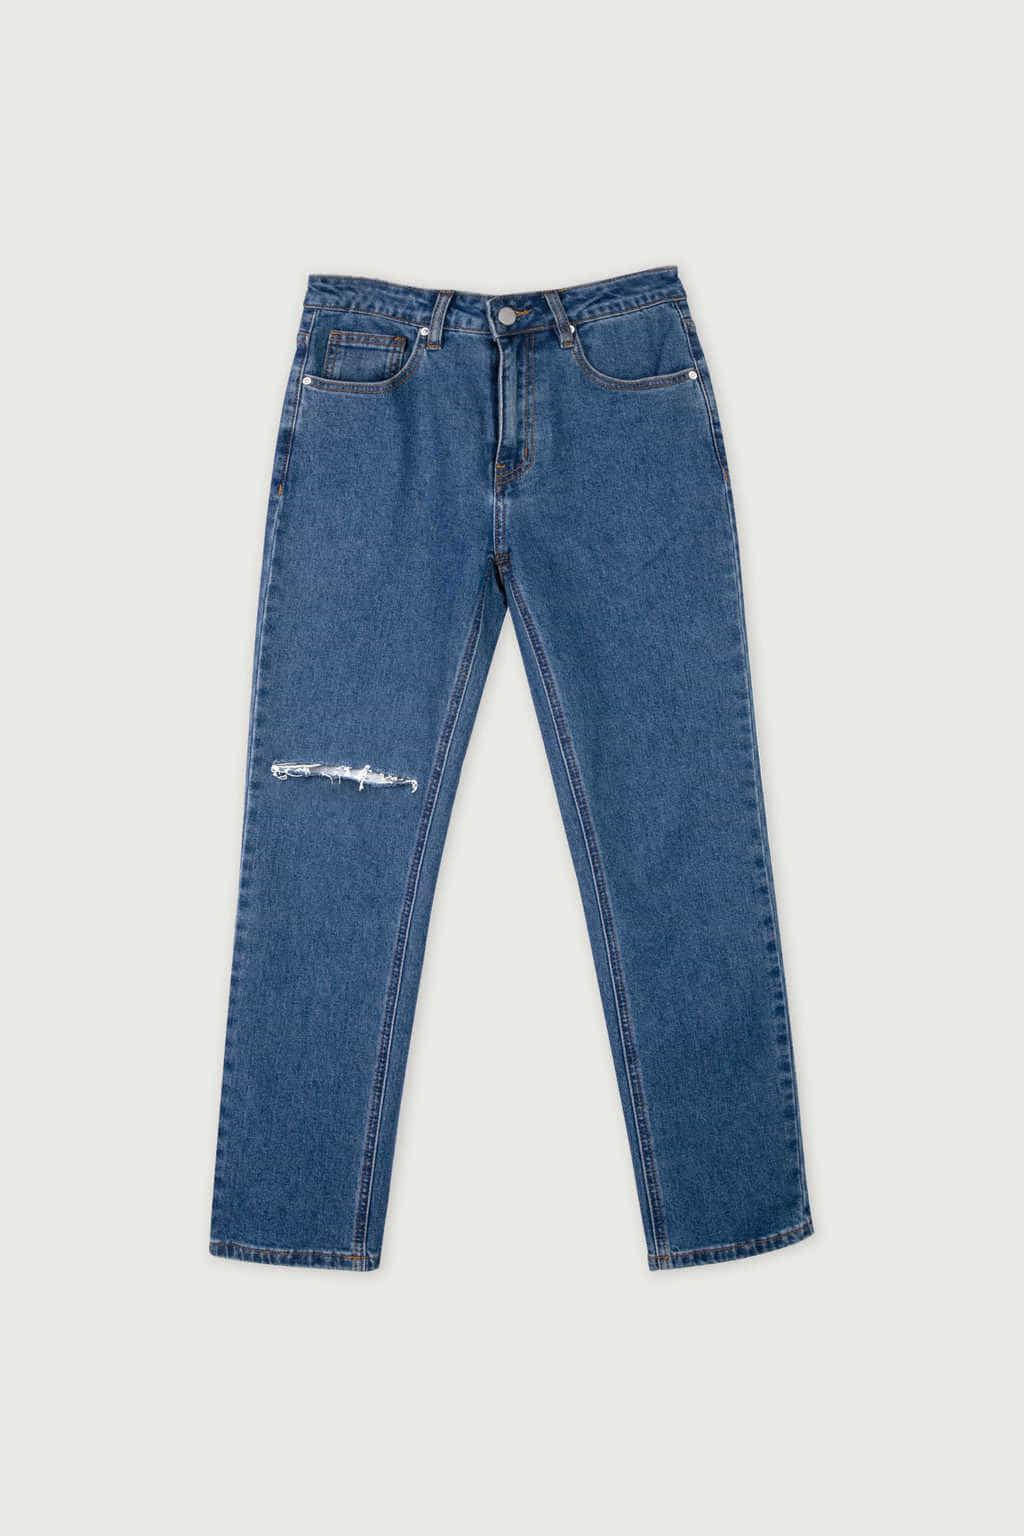 Jean 3620 Indigo 6